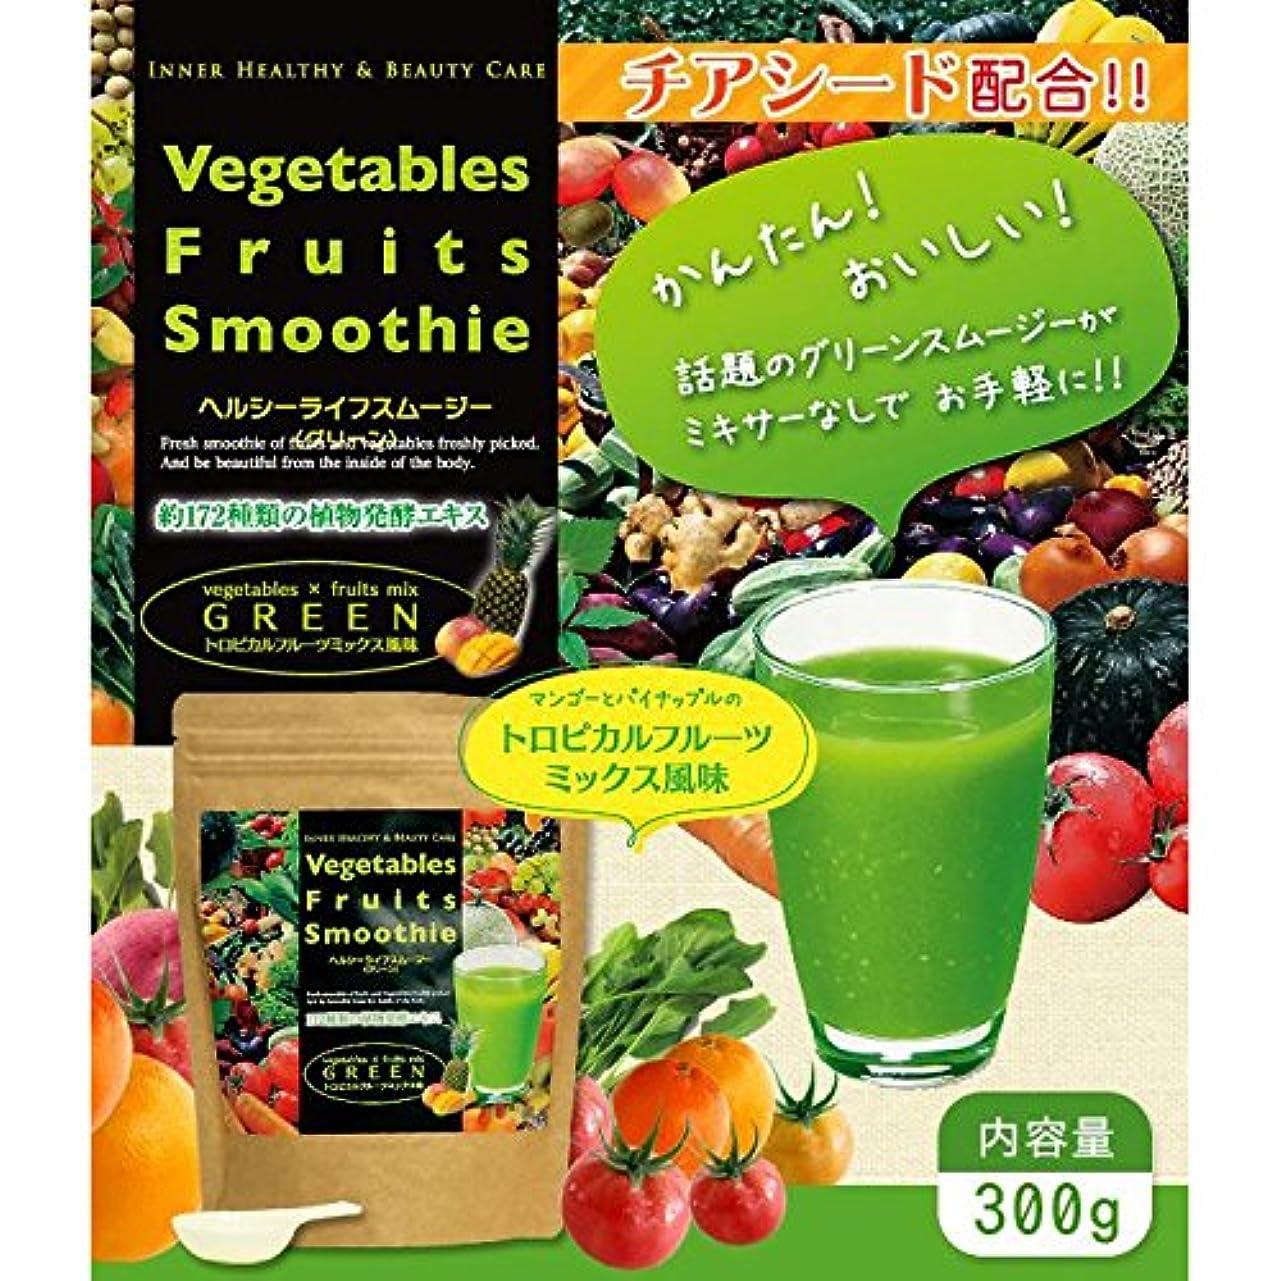 反抗許容優雅Vegetables Fruits Smoothie ヘルシーライフスムージー(グリーン)トロピカルフルーツミックス味 300g 日本製